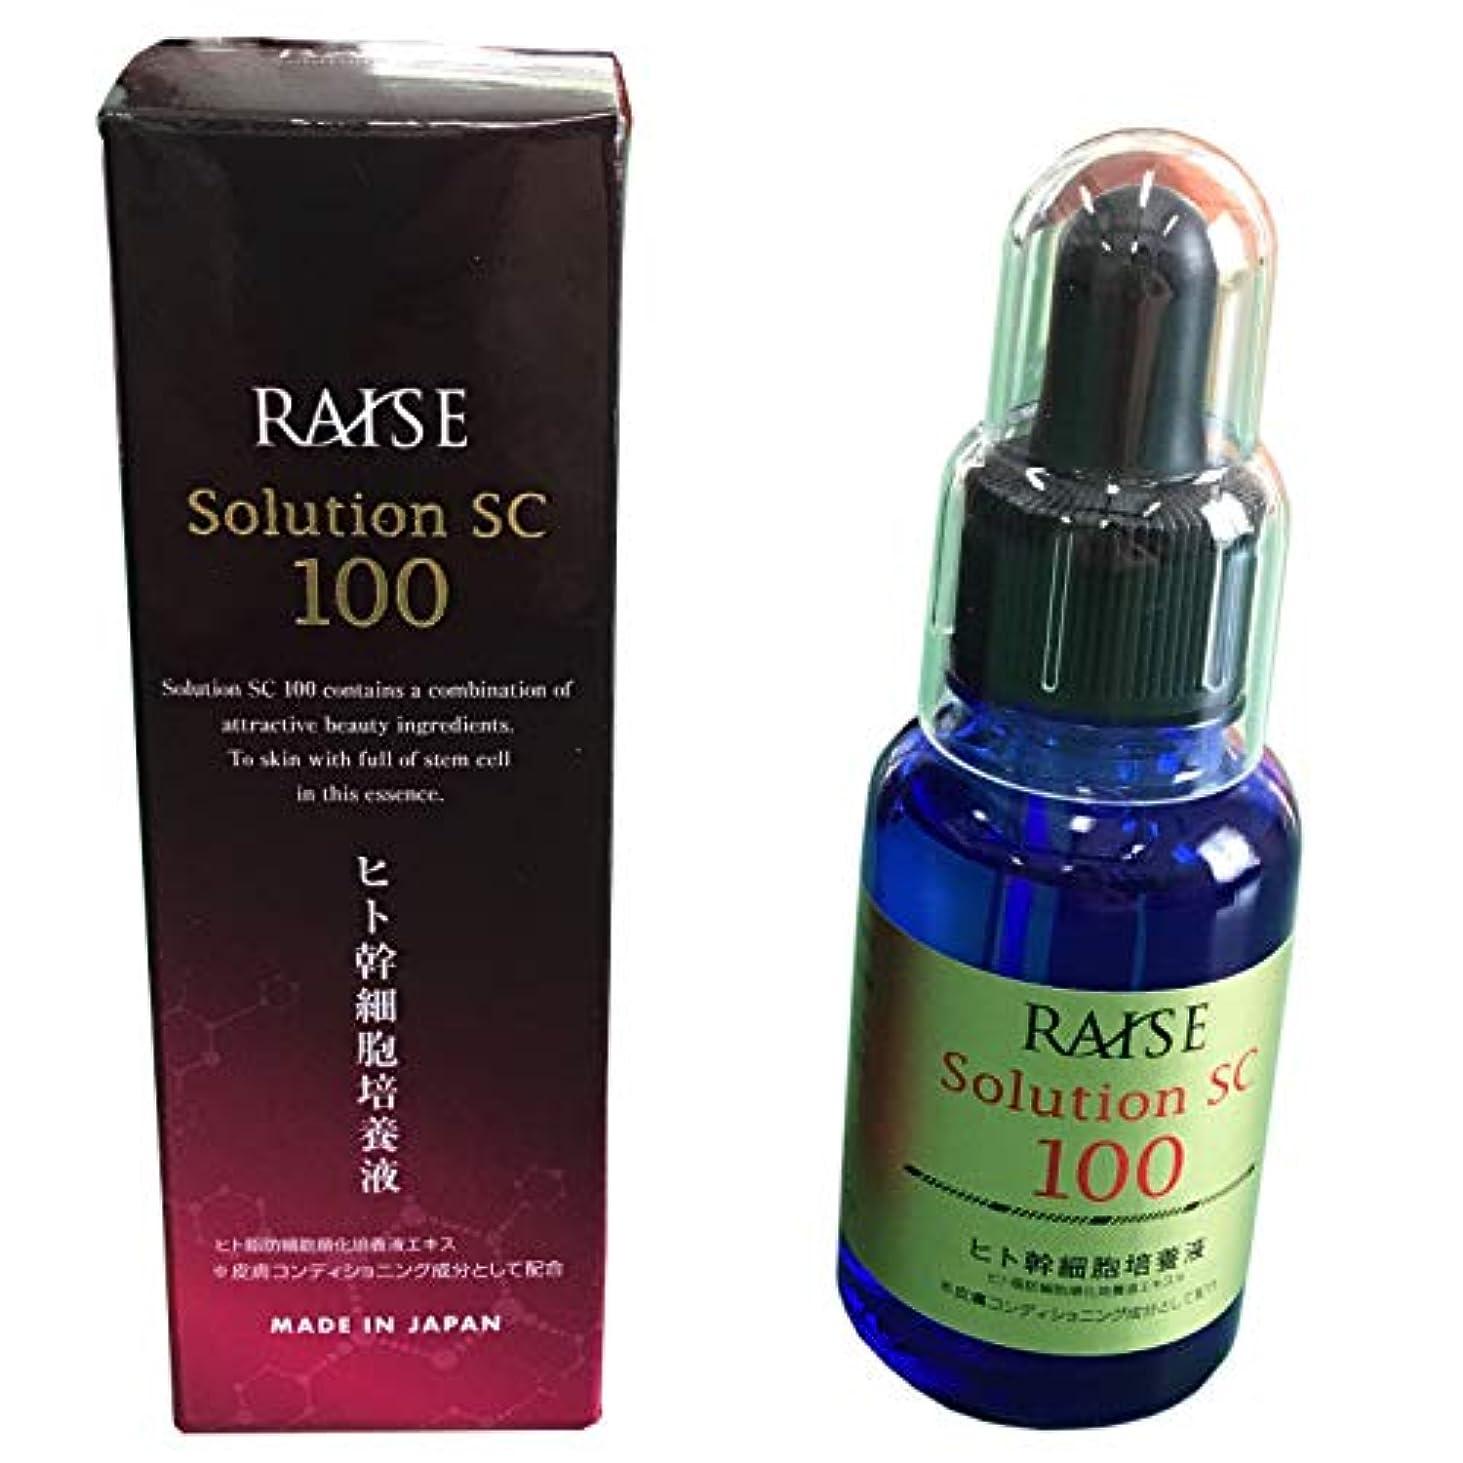 出しますグロー米国RAISE レイズ ソリューション SC100 美容液 30ml ヒト幹細胞 + 活性型 FGF RS-E